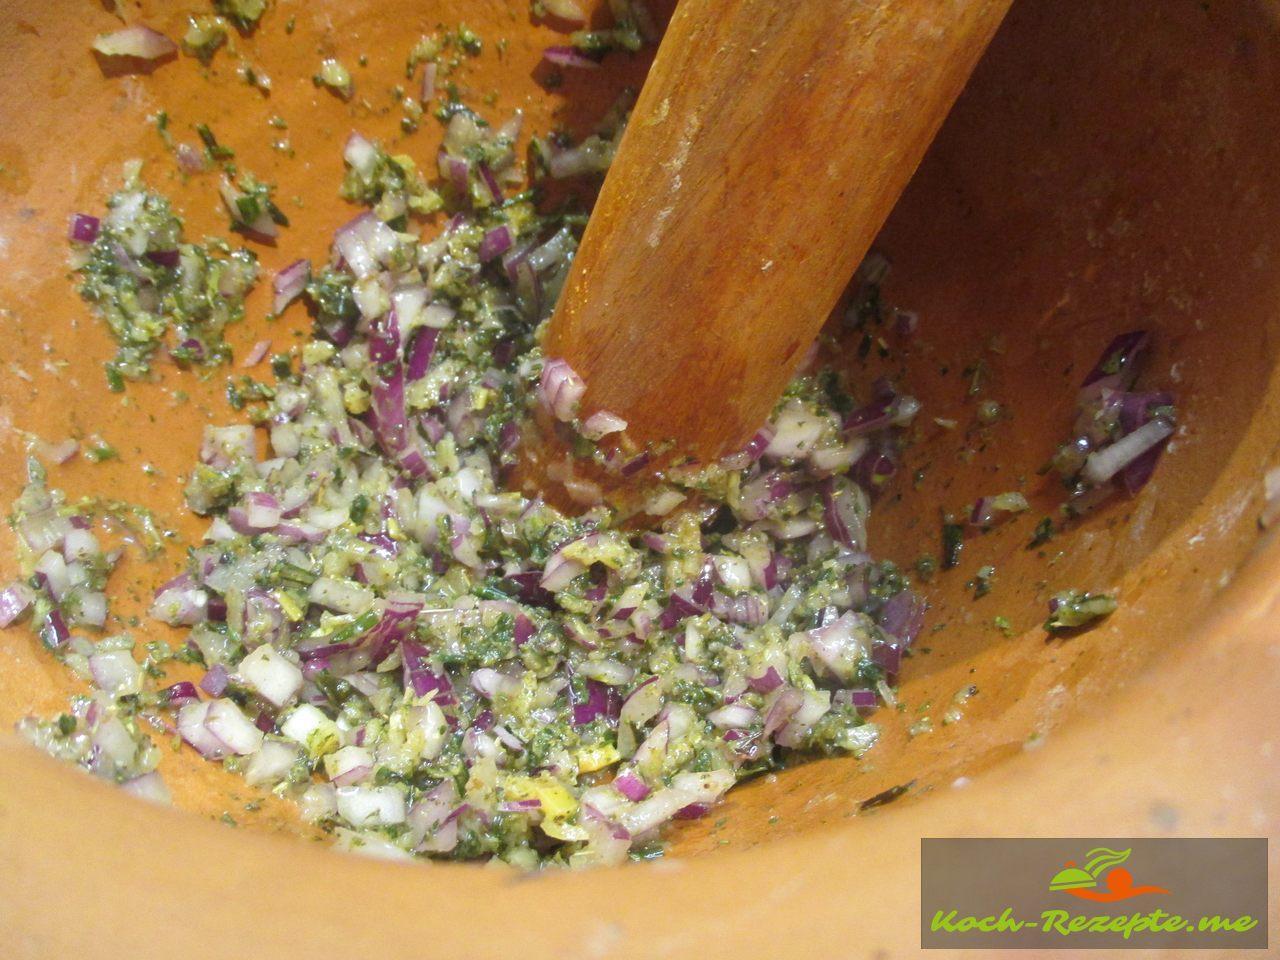 zum Schluß die fein gehackten Zwiebeln mit Olivenöl